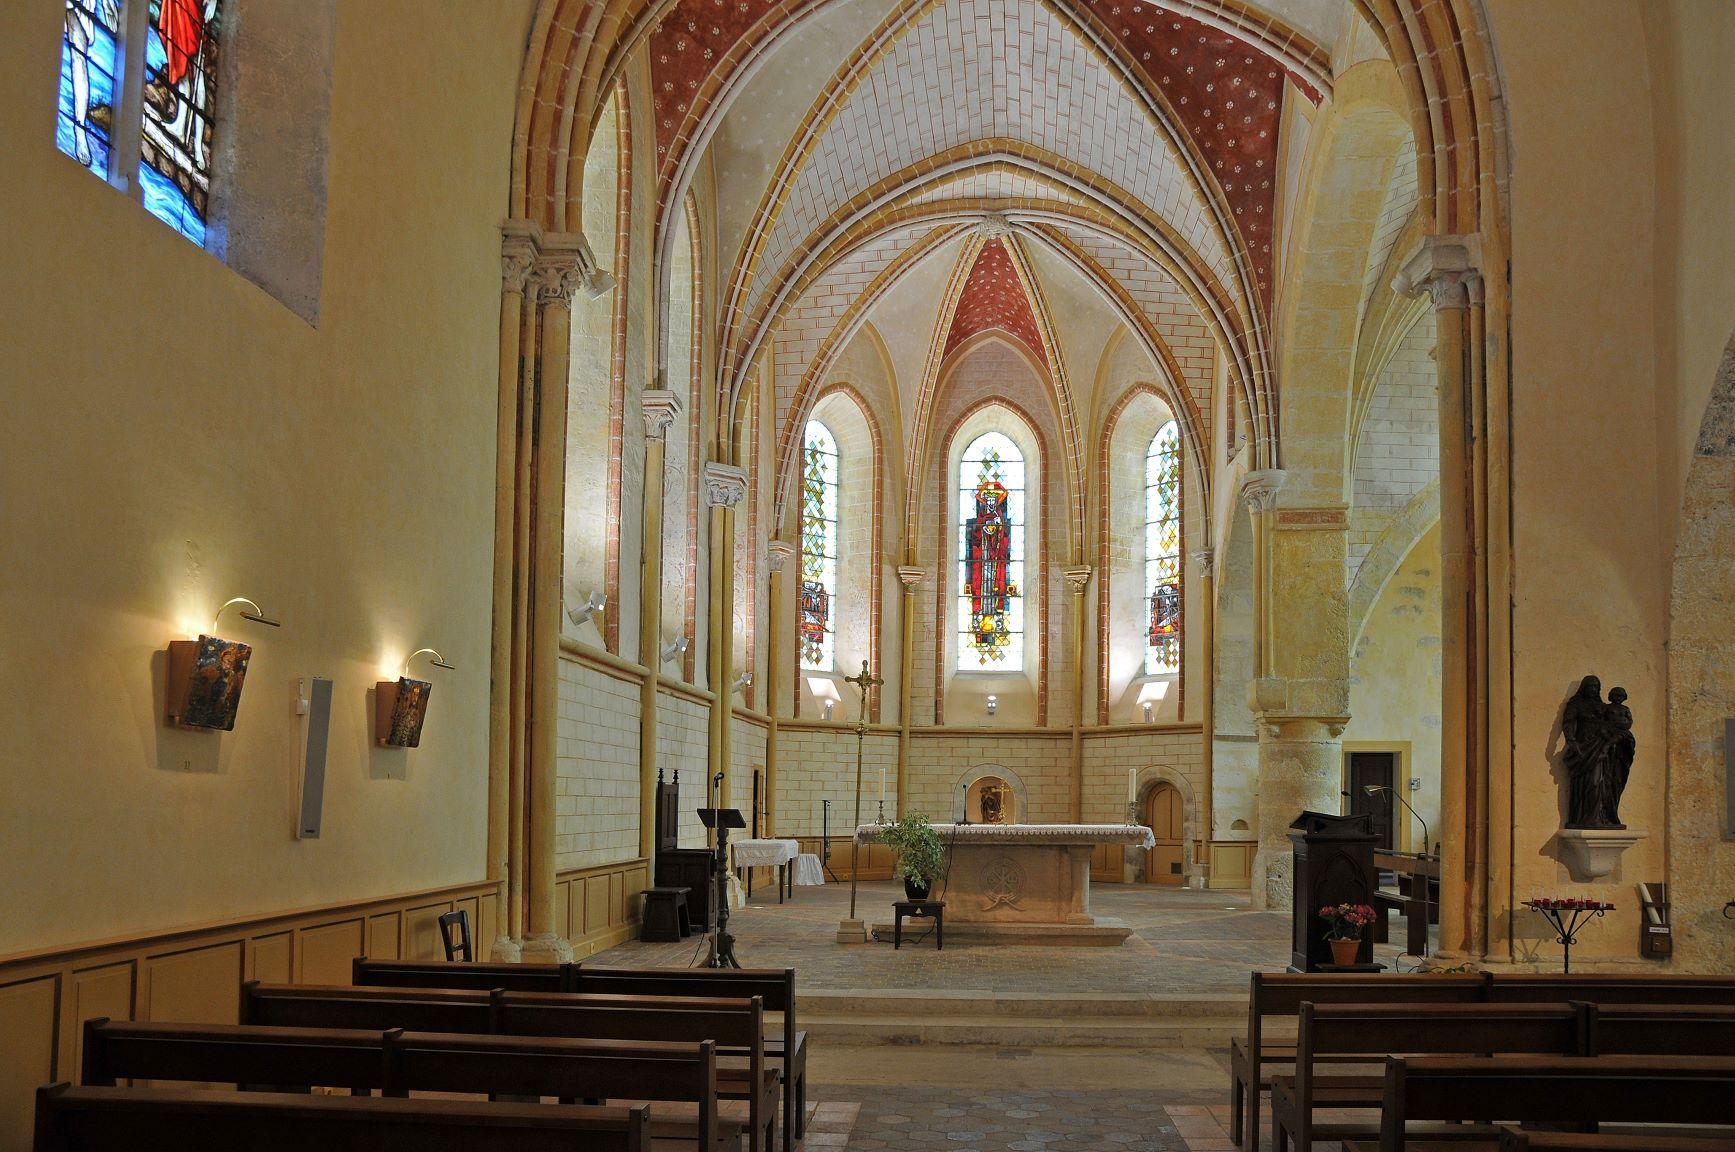 Eglise-int-coeur-JVA_2108